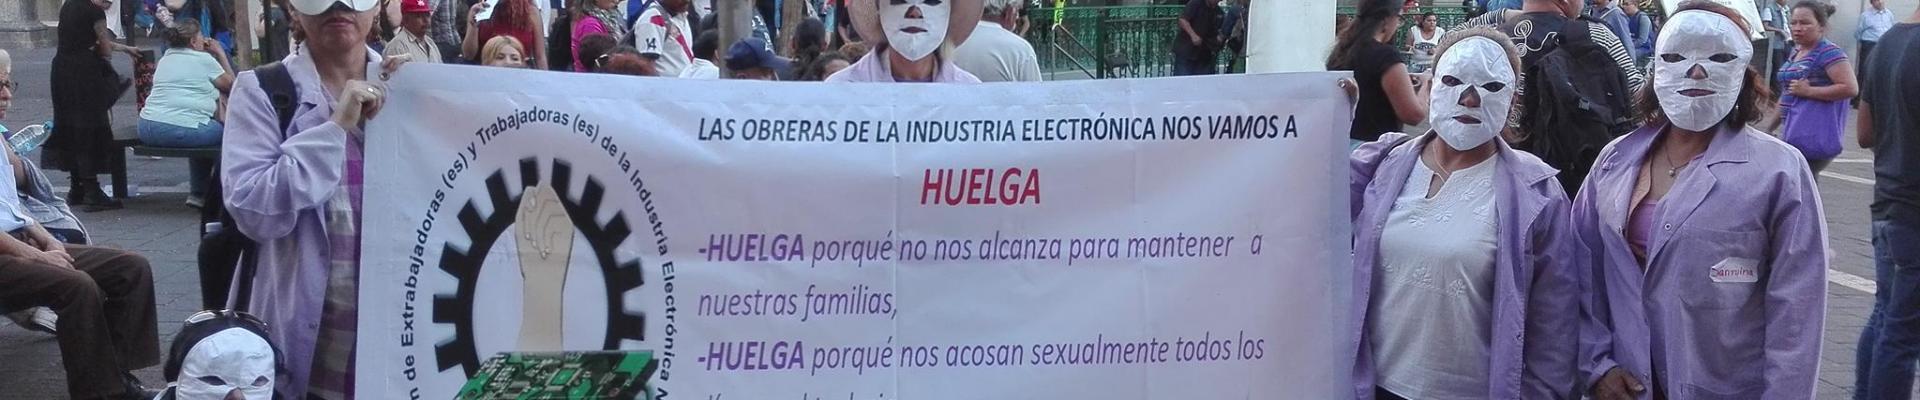 CETIEN sindicato alternativo de maquiladoras